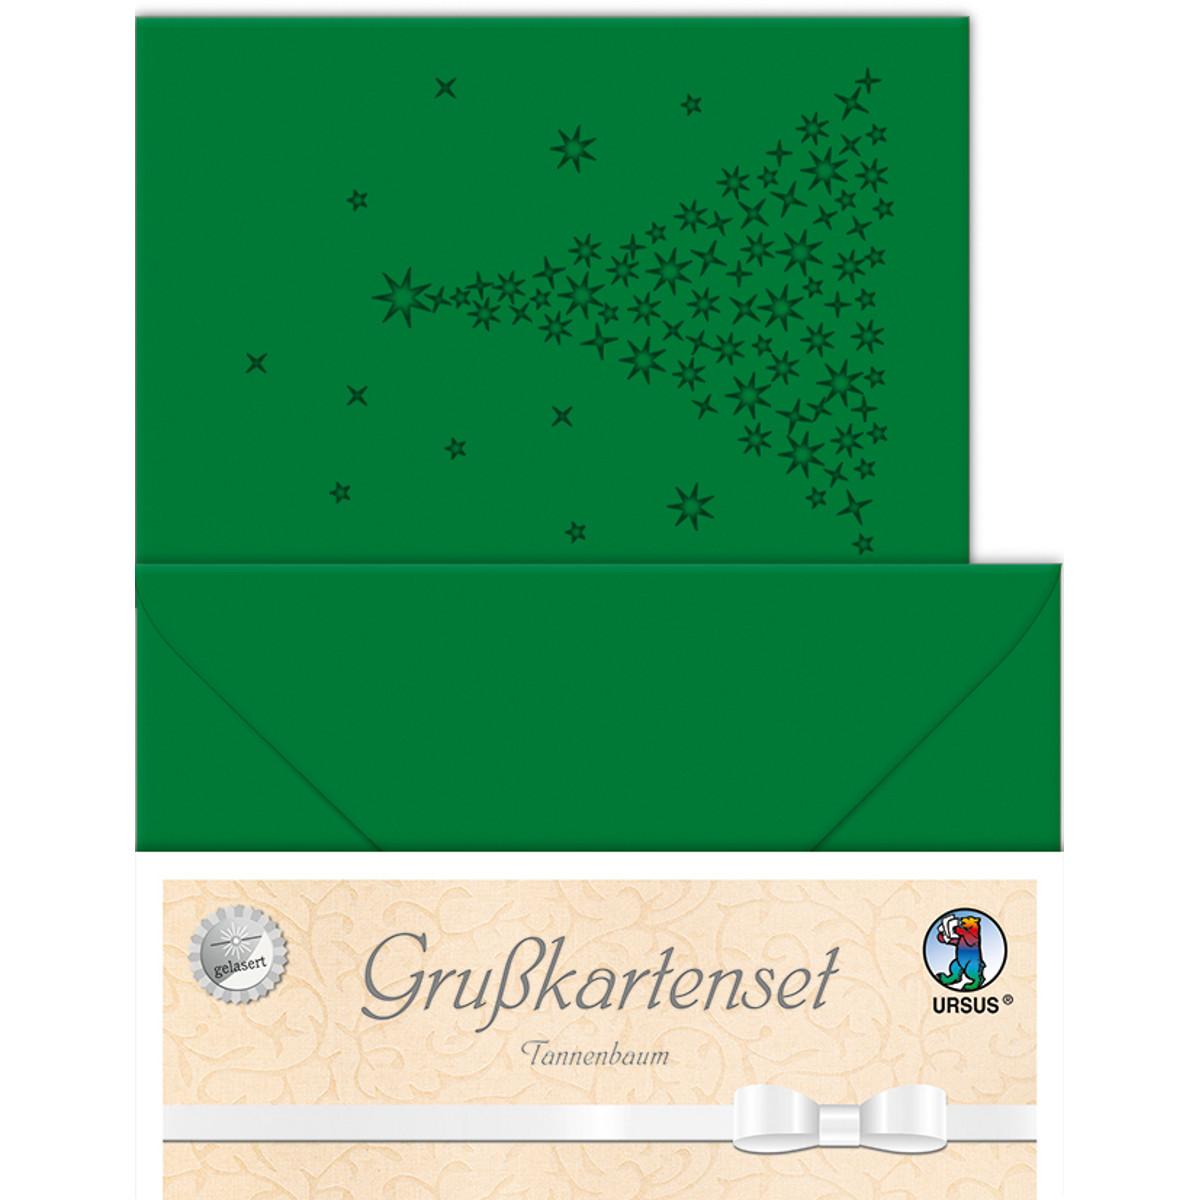 """Grußkarten """"gelasert"""" Tannenbaum tannengrün - 5 Karten"""